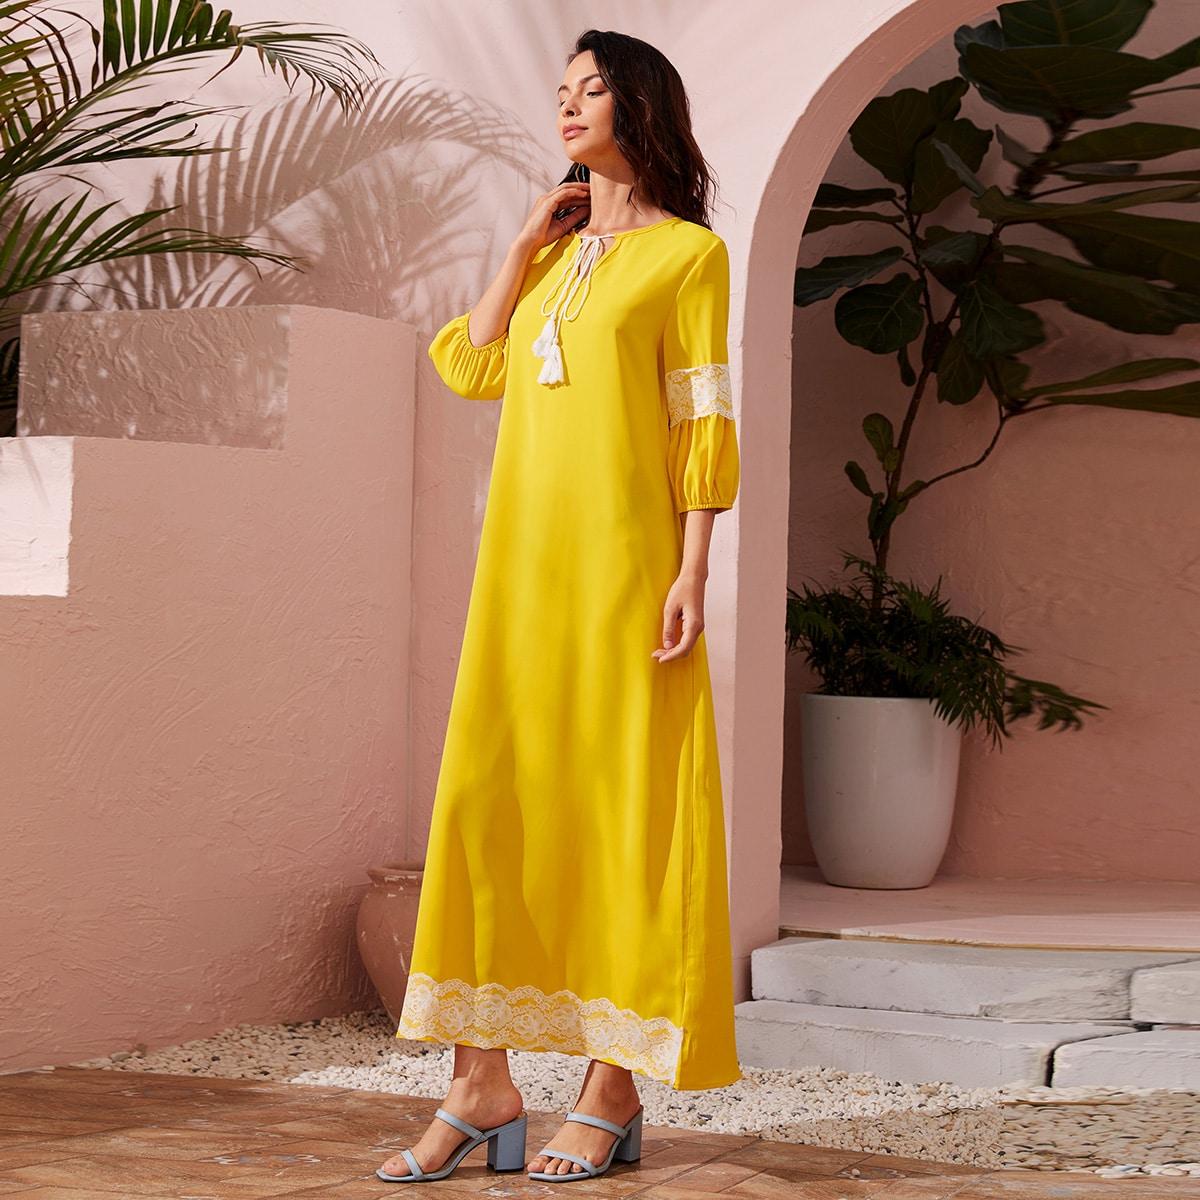 с бахромой Контрастный цвет Скромный Платье по цене 1 220